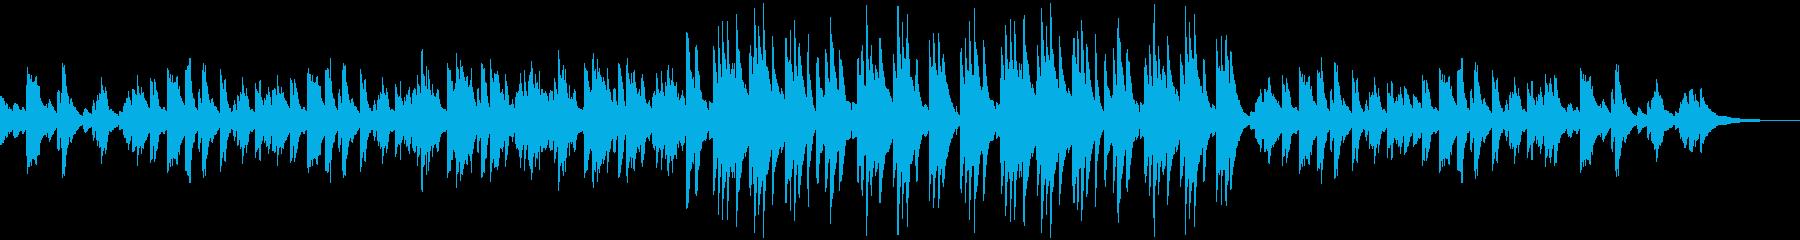 穏やかで温かいブライダルピアノ曲の再生済みの波形